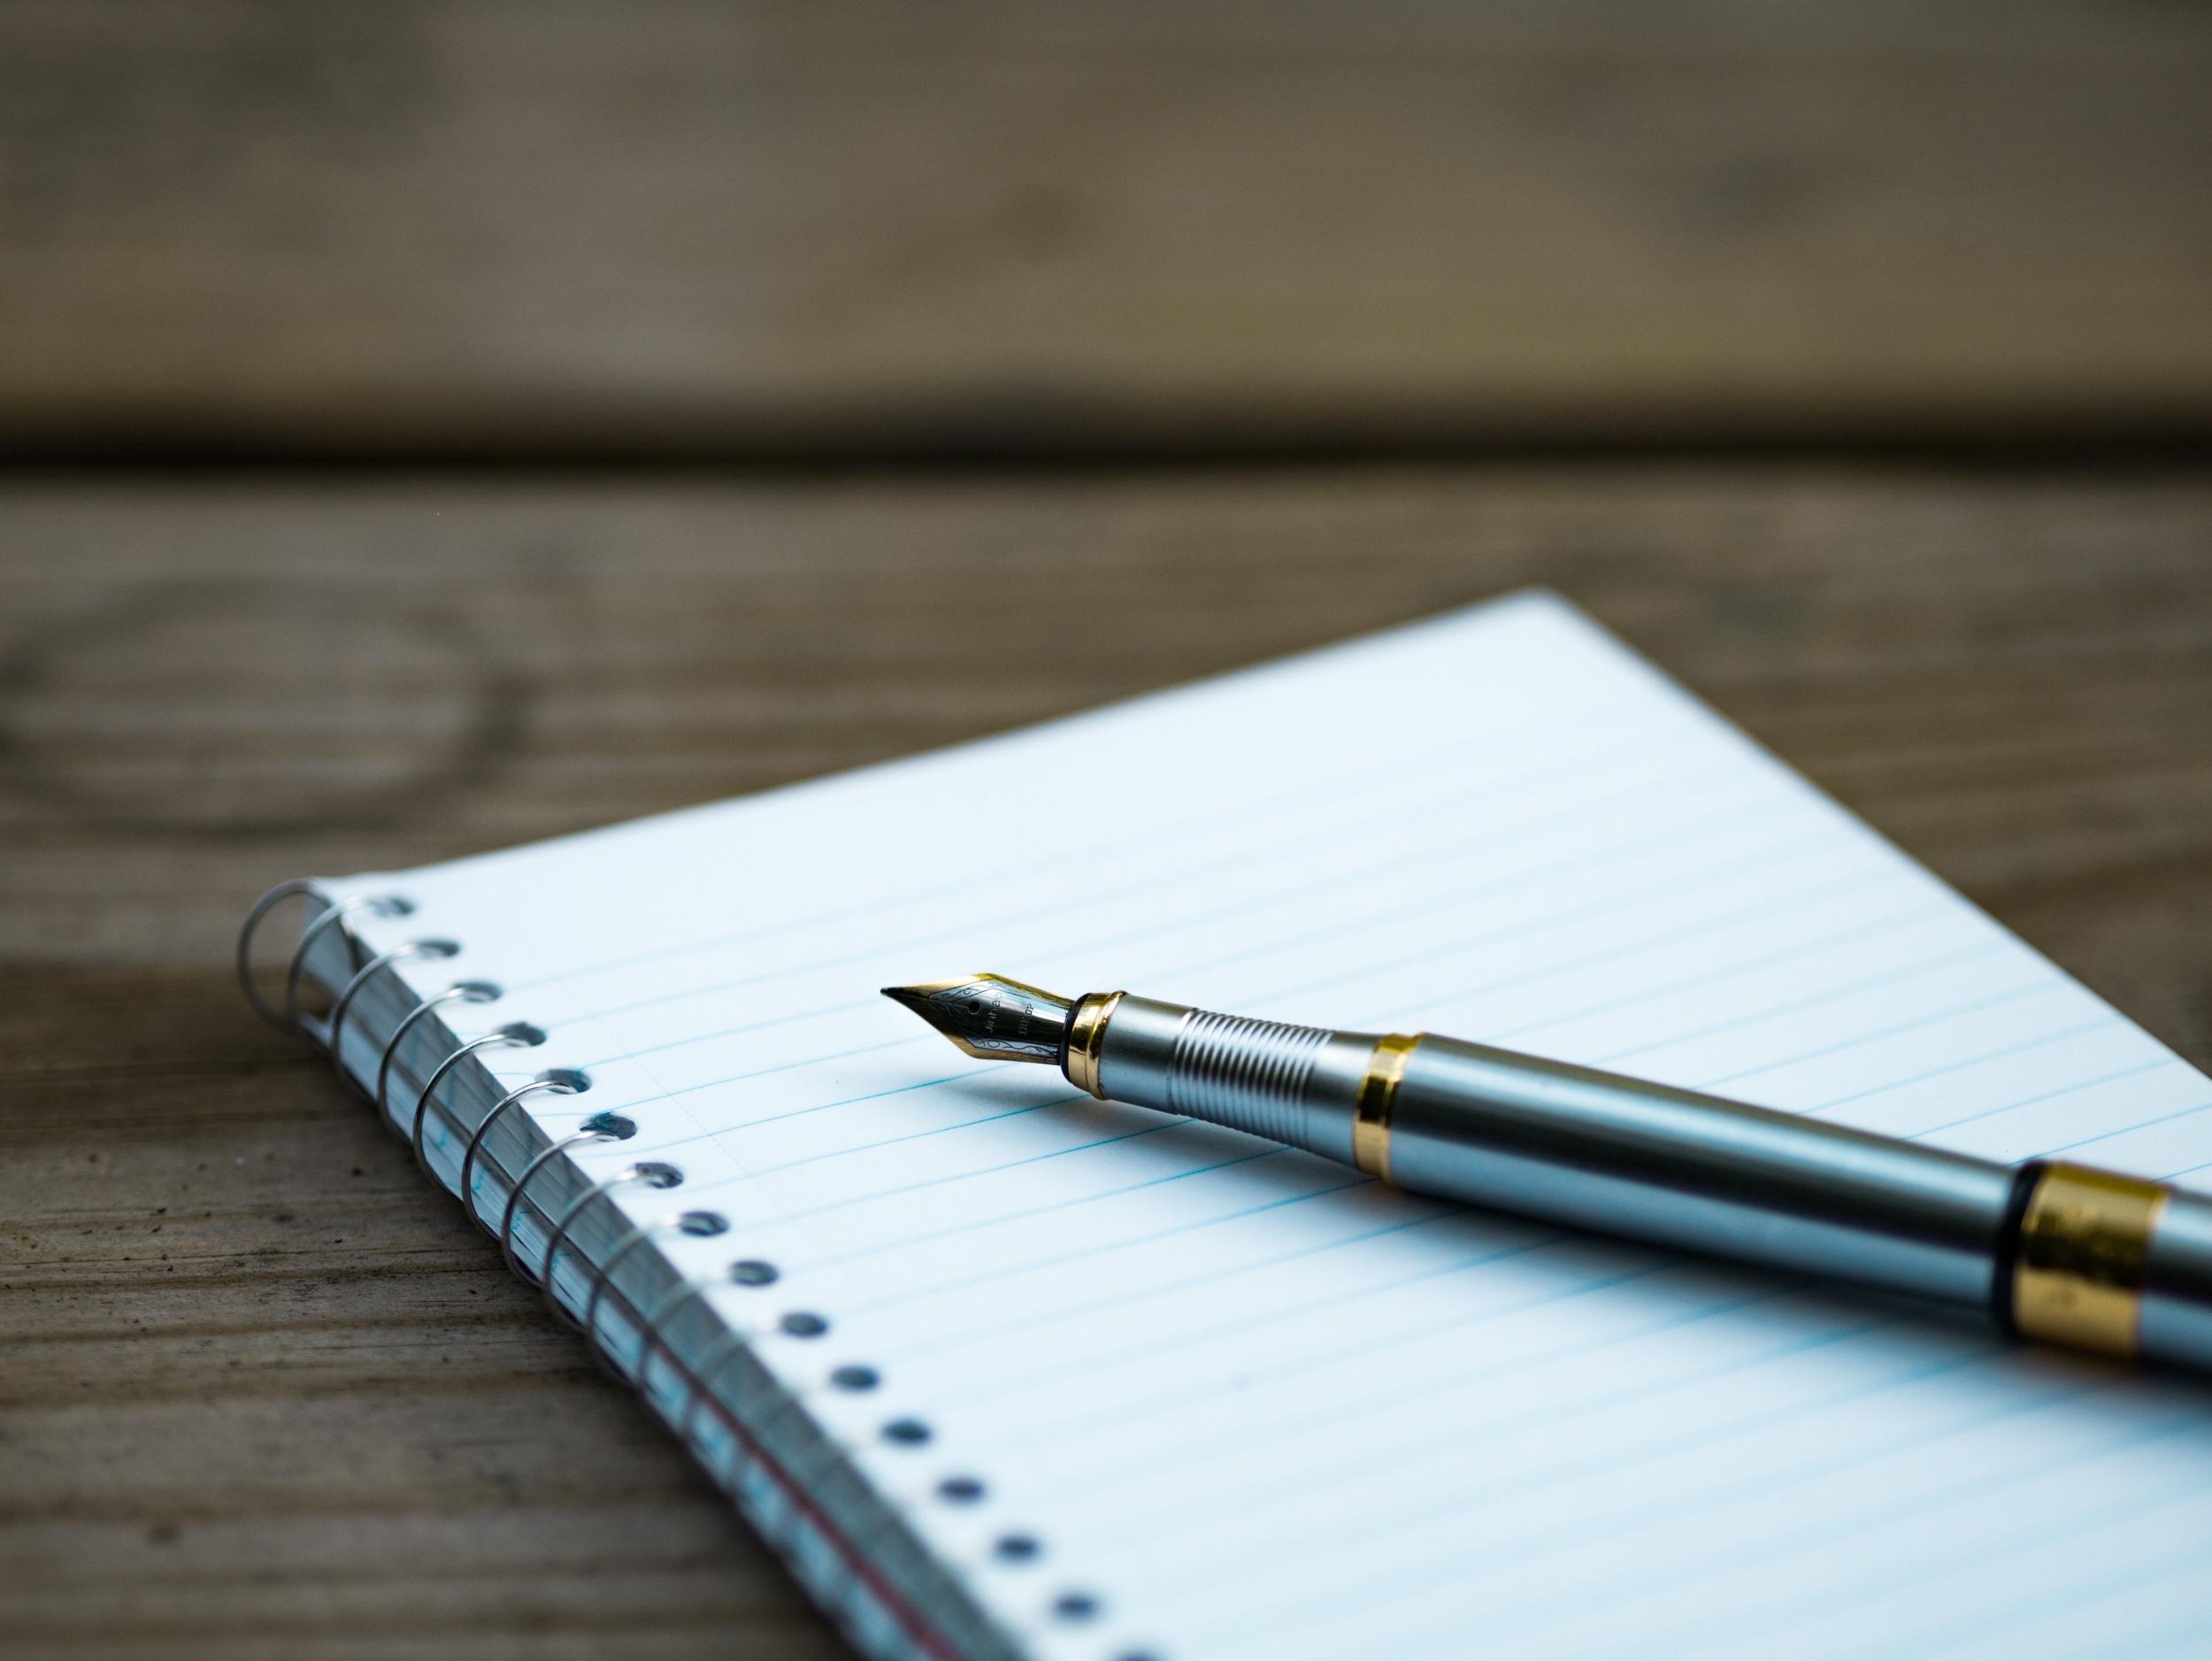 Der Spaß kommt beim Schreiben